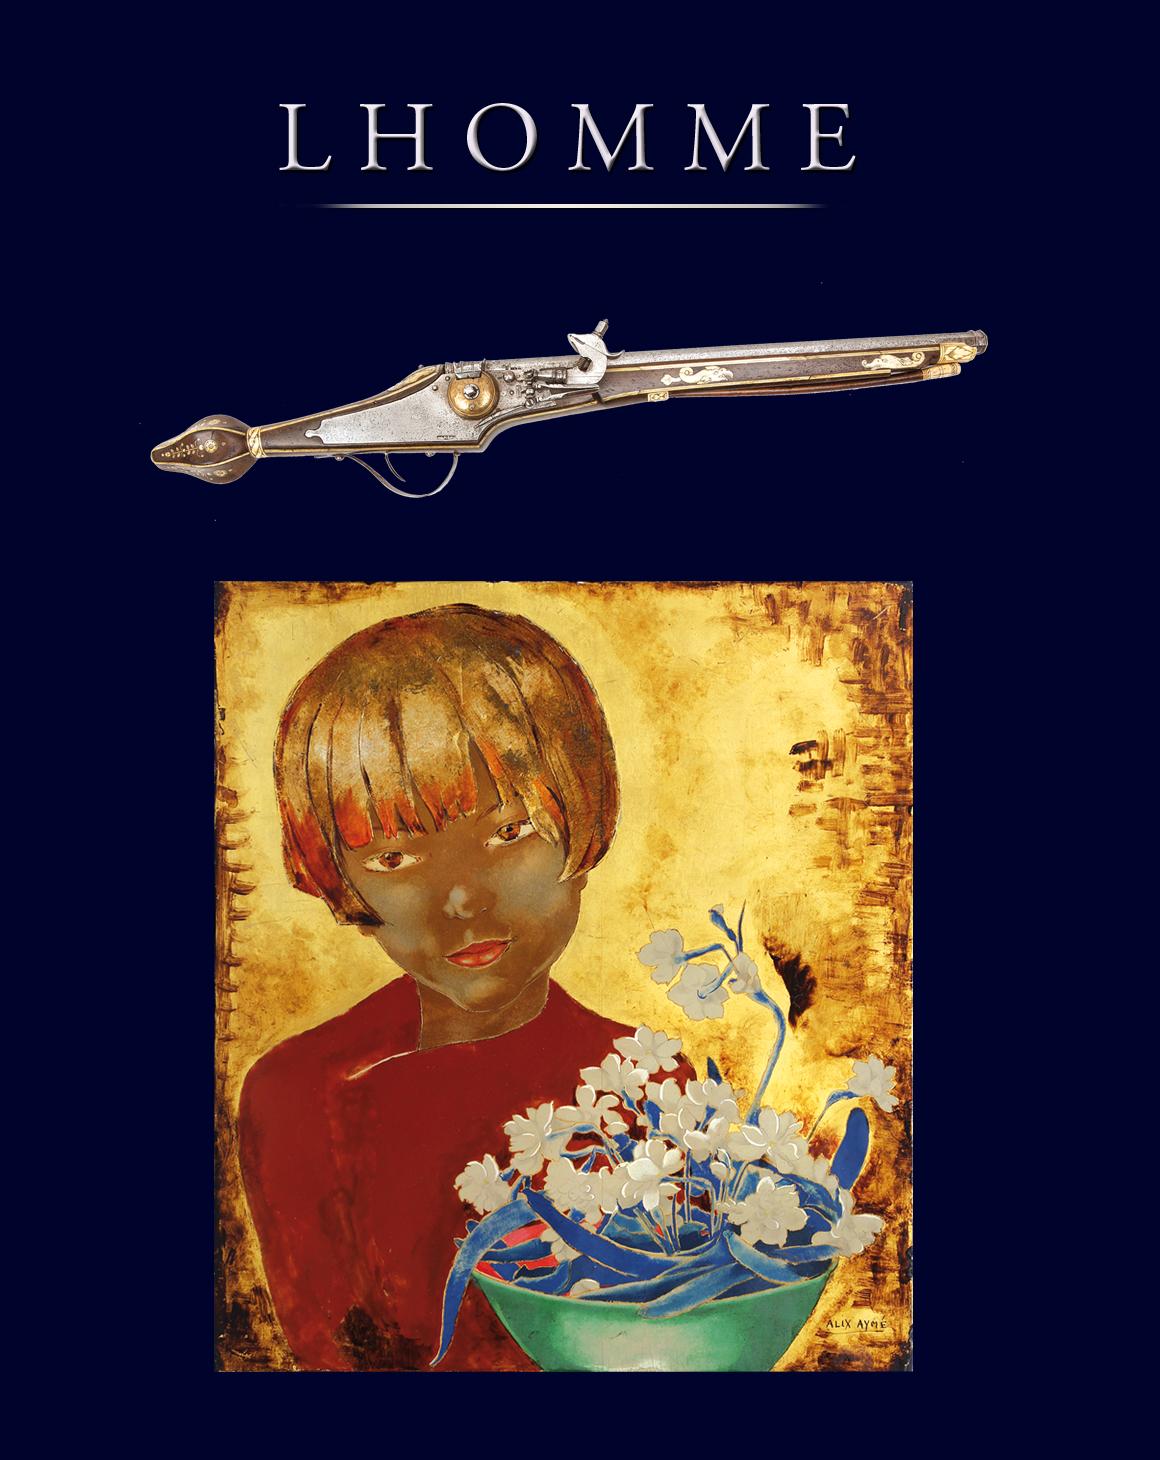 Vente Art Moderne et Contemporain, Armes anciennes, Livres, Militaria chez LHOMME : 528 lots